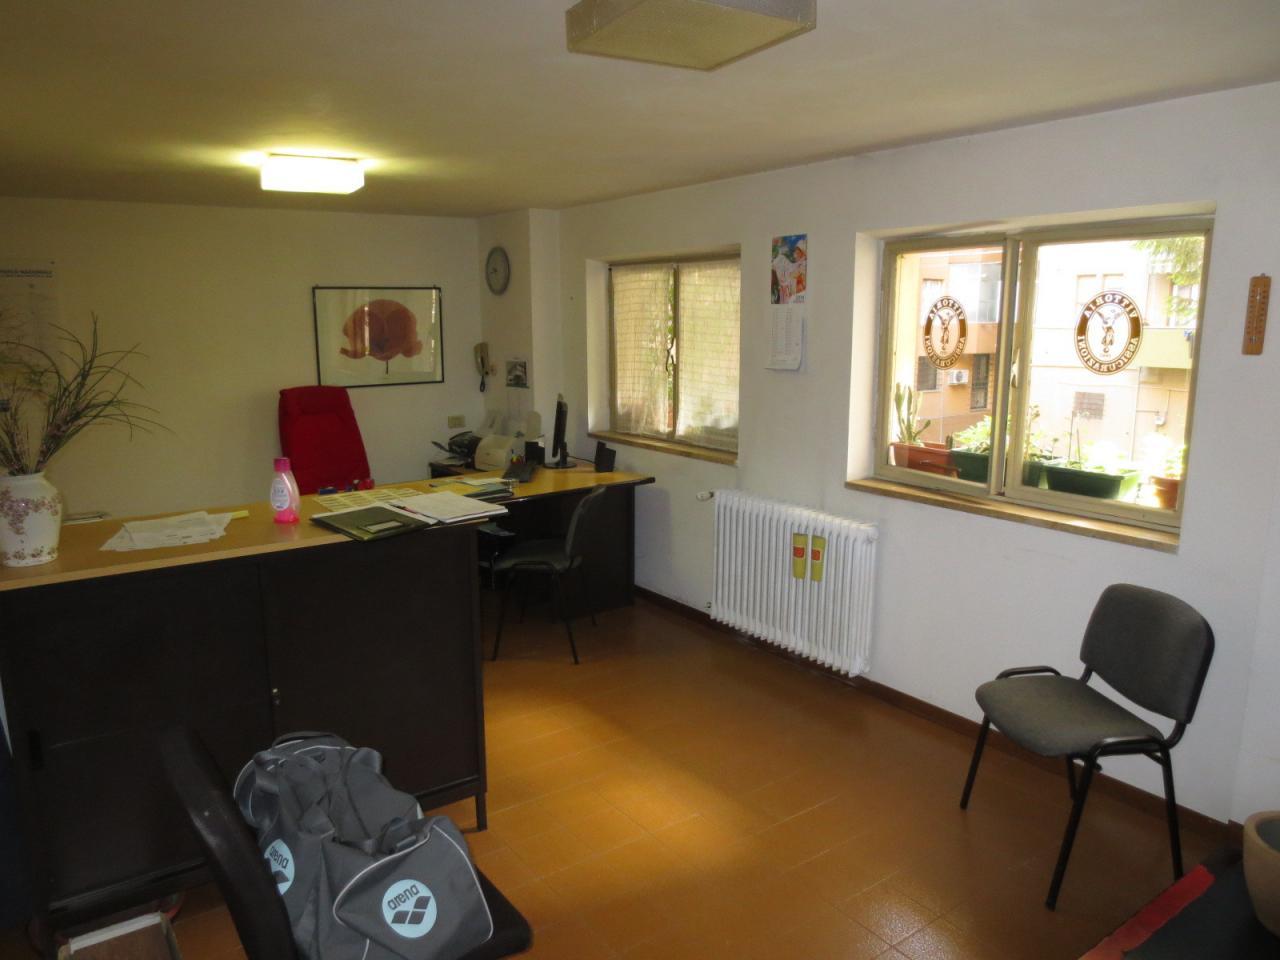 Ufficio / Studio in vendita a Ascoli Piceno, 9999 locali, zona Località: PiazzaImmacolata, prezzo € 70.000 | CambioCasa.it